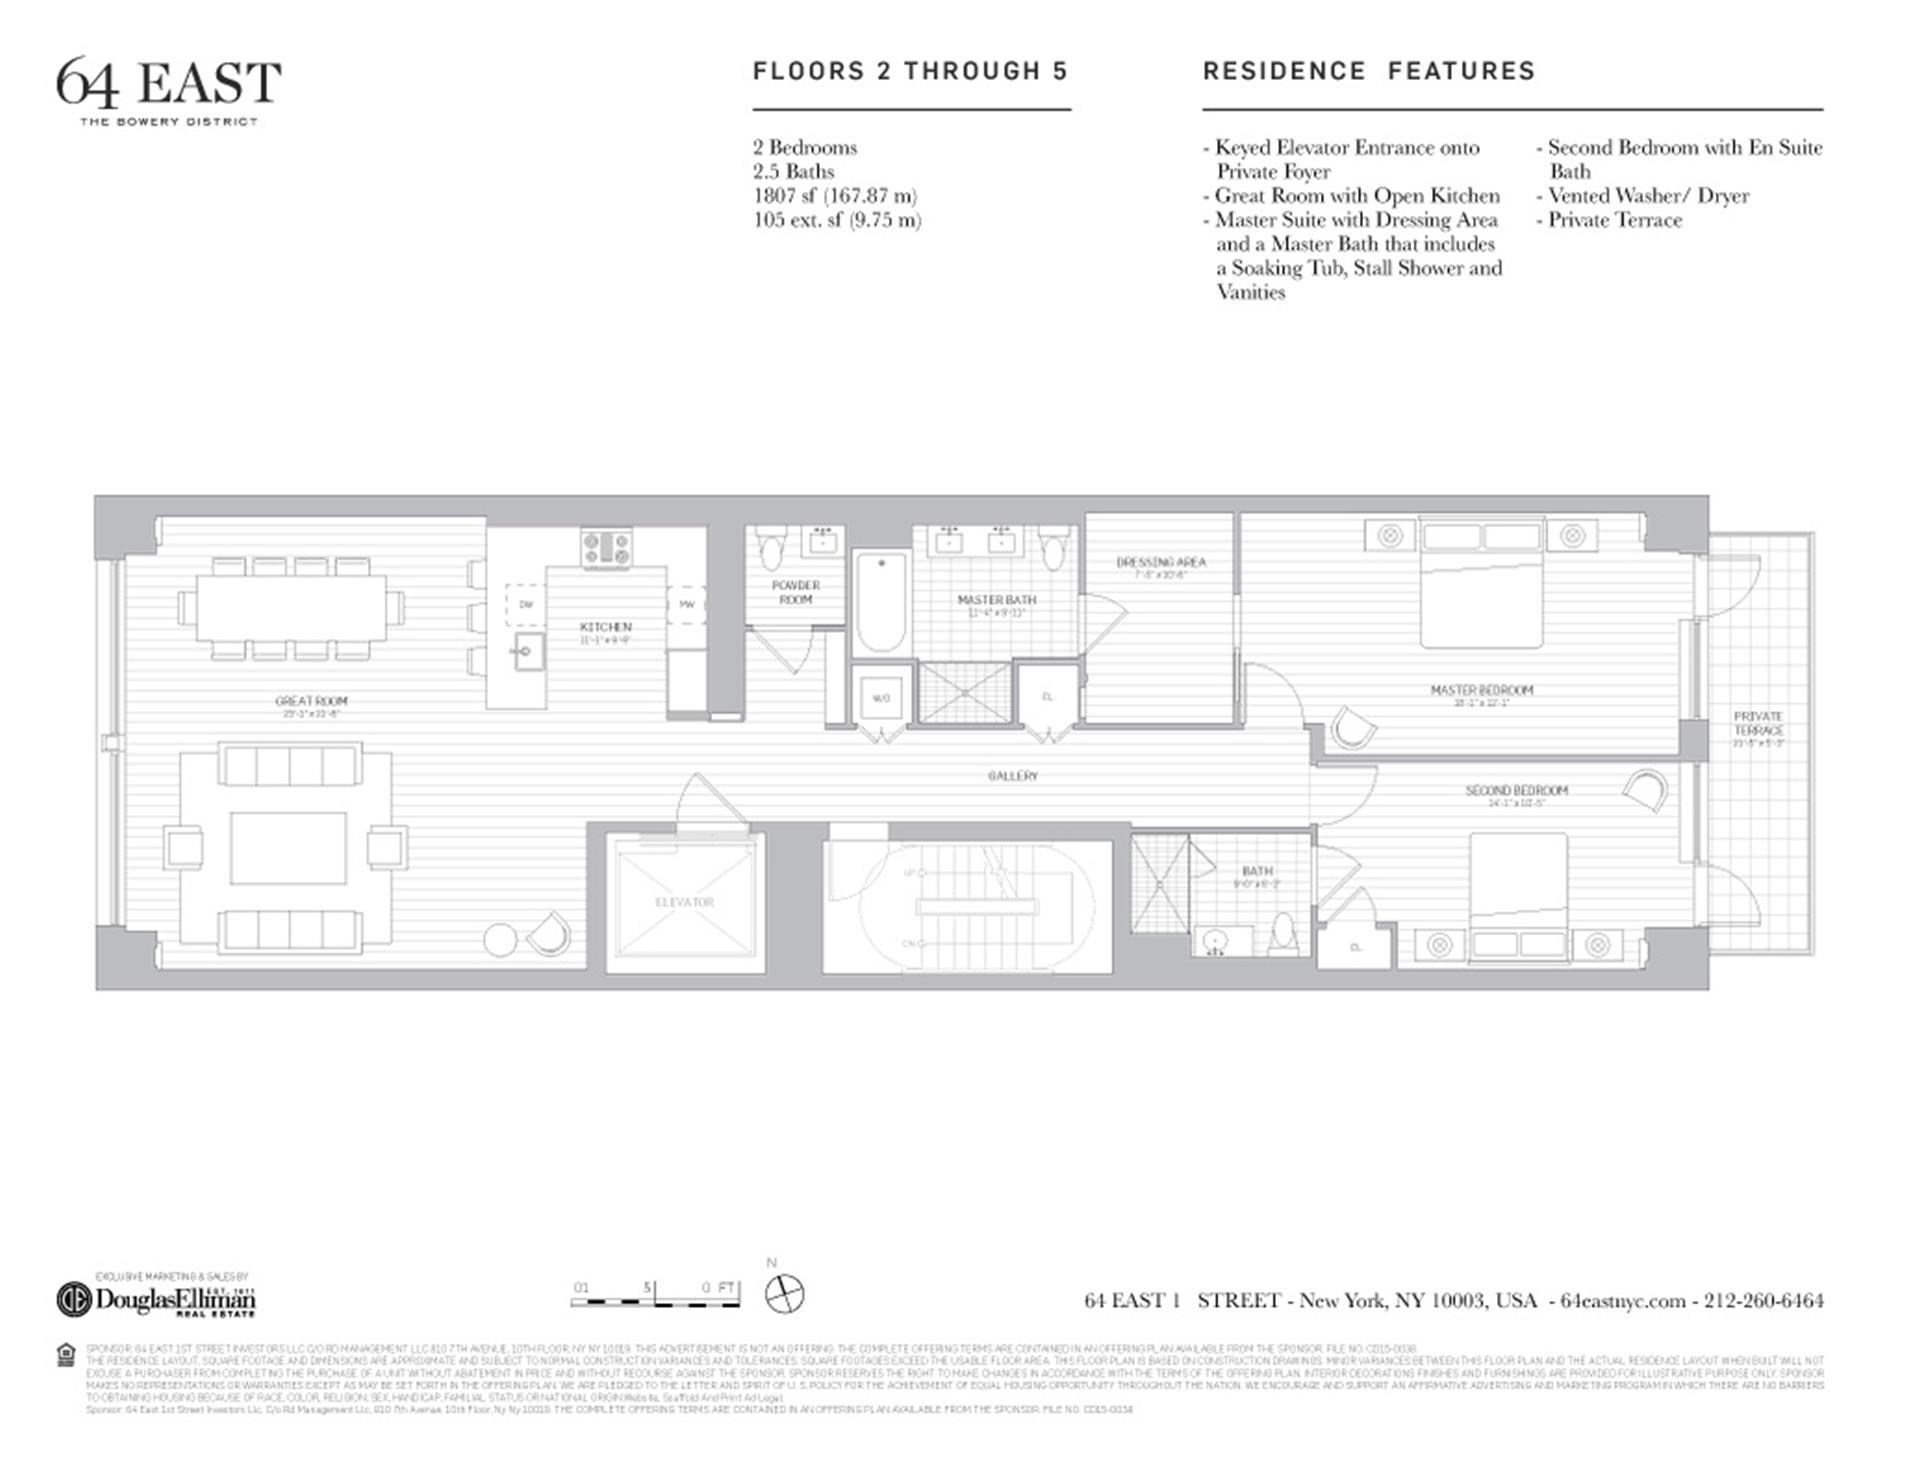 Floor plan of 64 East 1st St, 2FL - East Village, New York